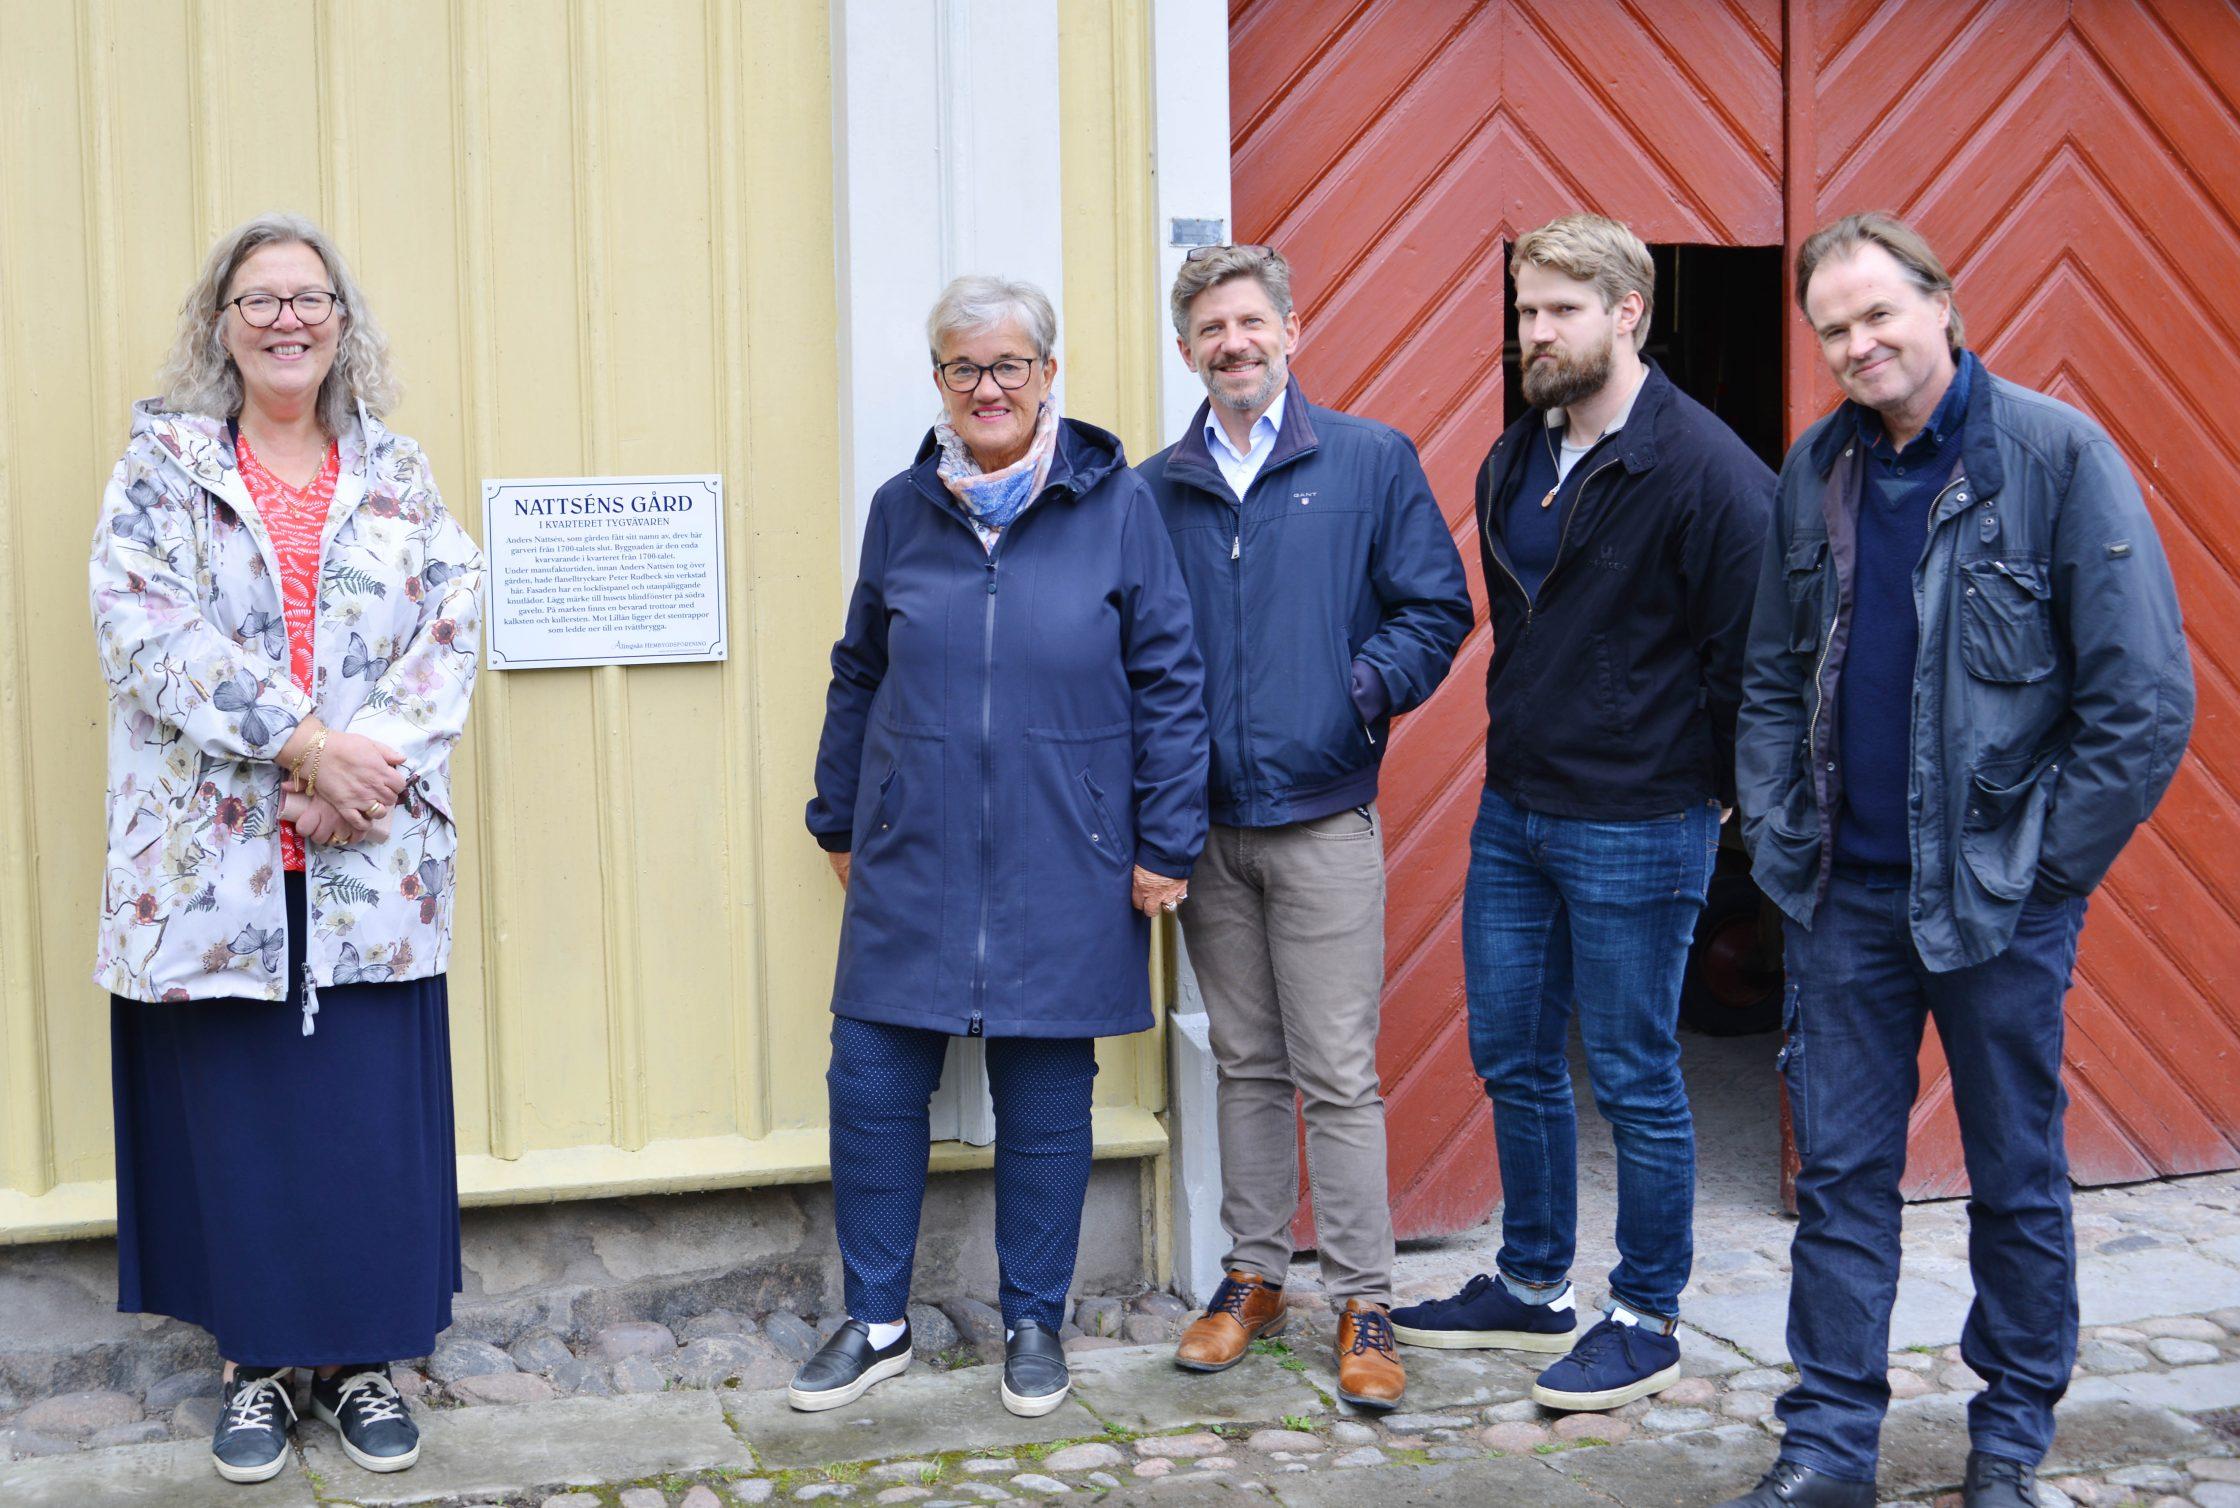 Carina Håkansson, Kristina Grapenholm, Daniel Filipsson, Simon Waern och Staffan Nattsén framför den gula fasen där den nya skylten sitter.